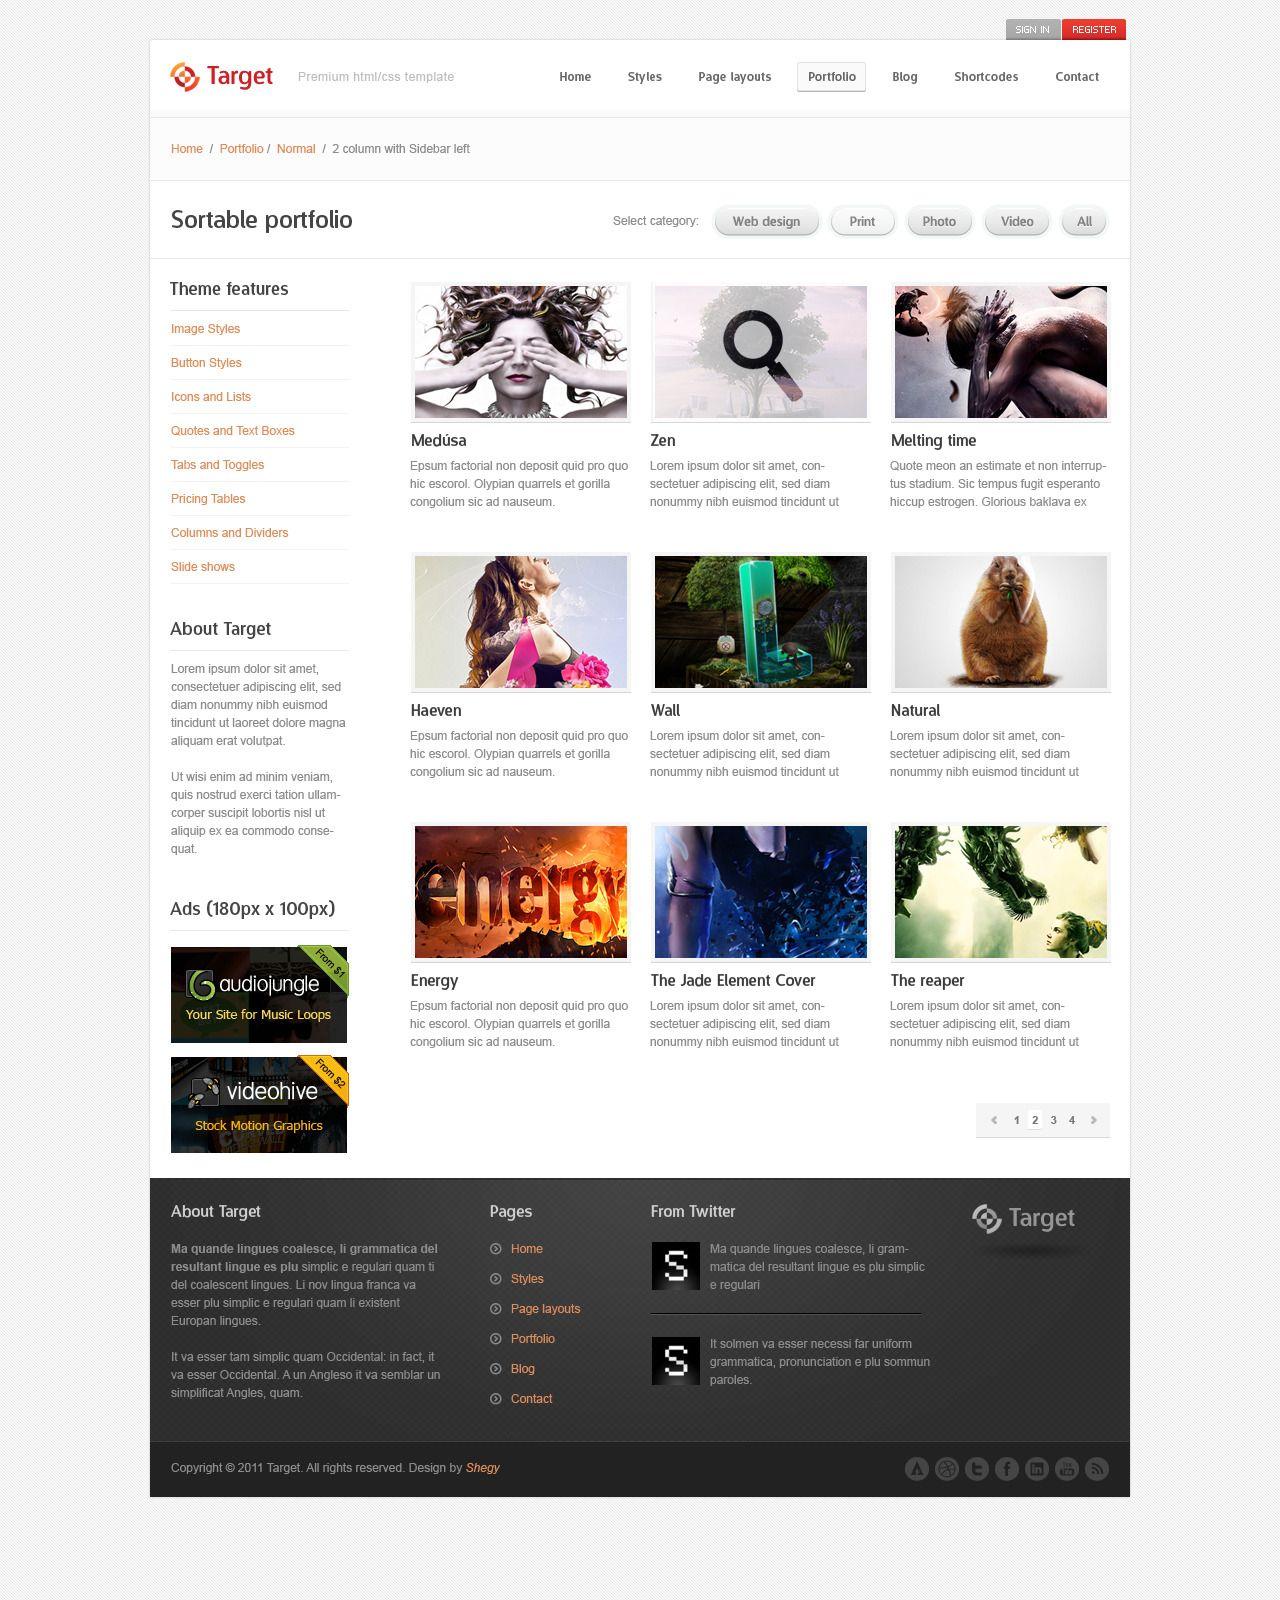 Target Psd Template With Images Psd Templates Psd Templates